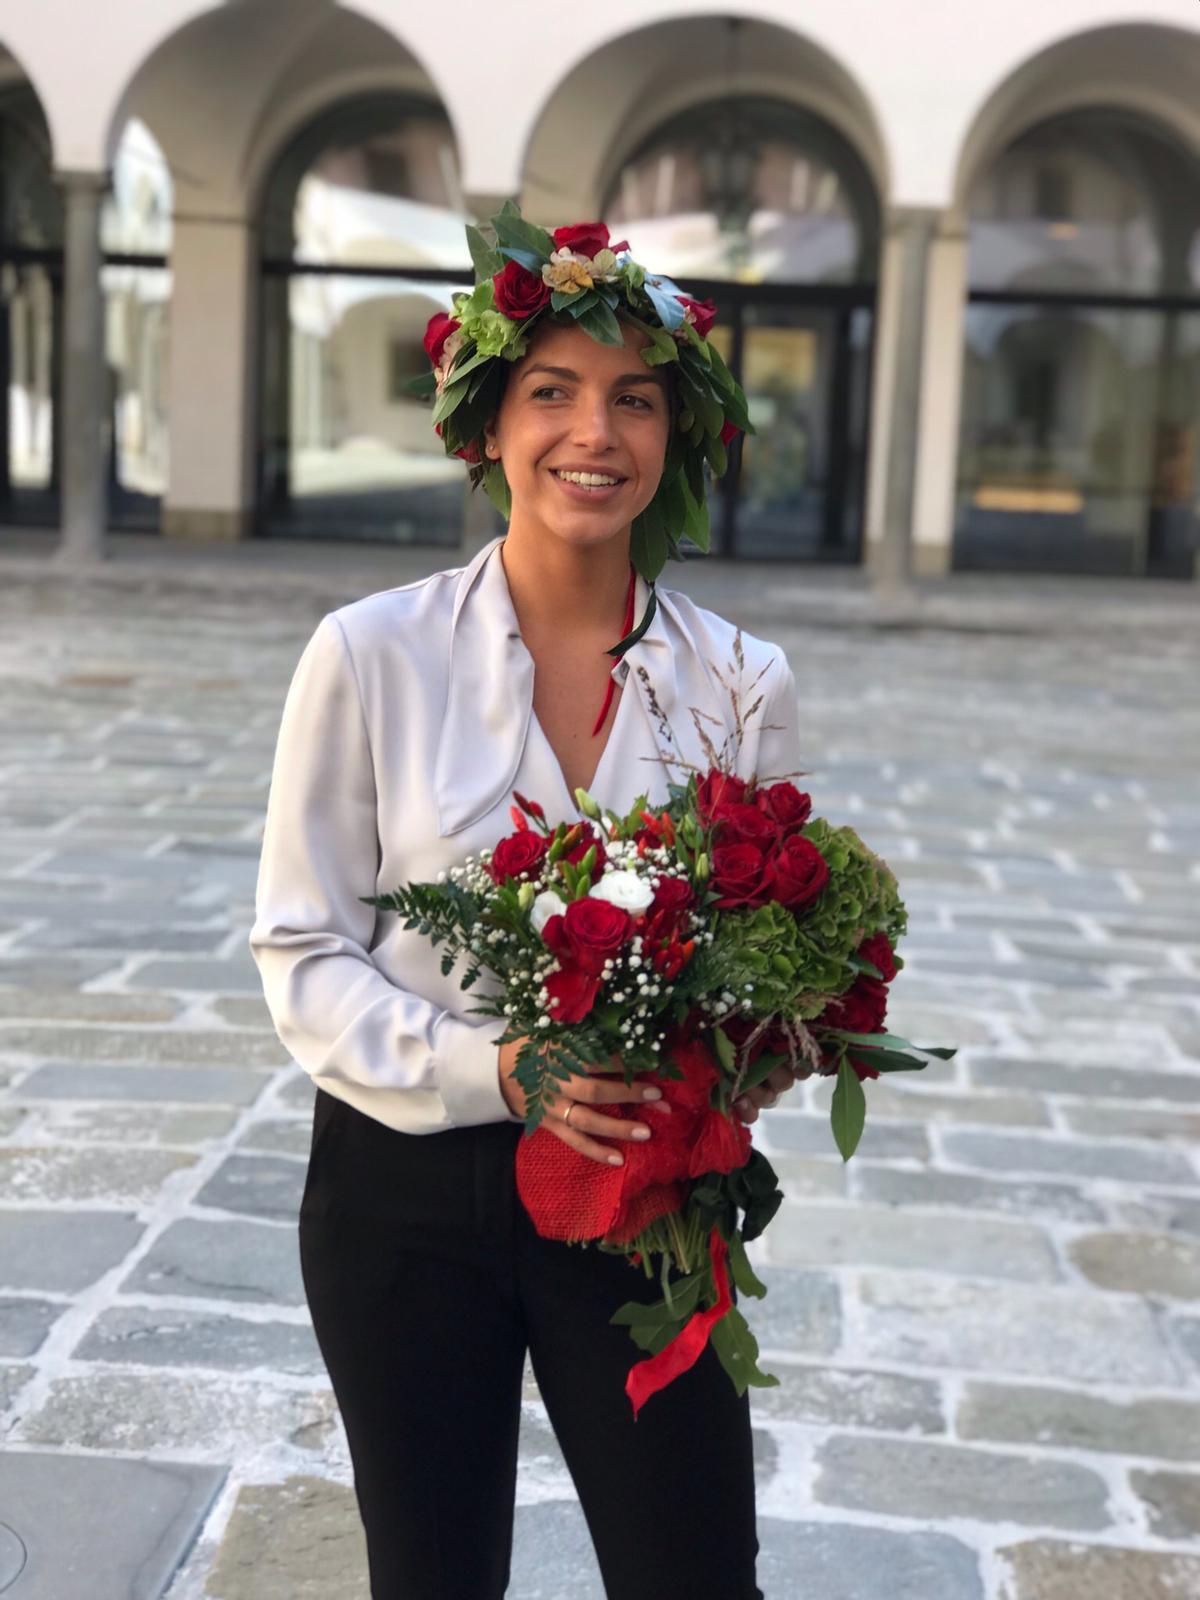 Congratulazioni a Elisa Carloni: laureata con 110 e lode in Diritto dell'Impresa, del Lavoro e delle Pubbliche Amministrazioni